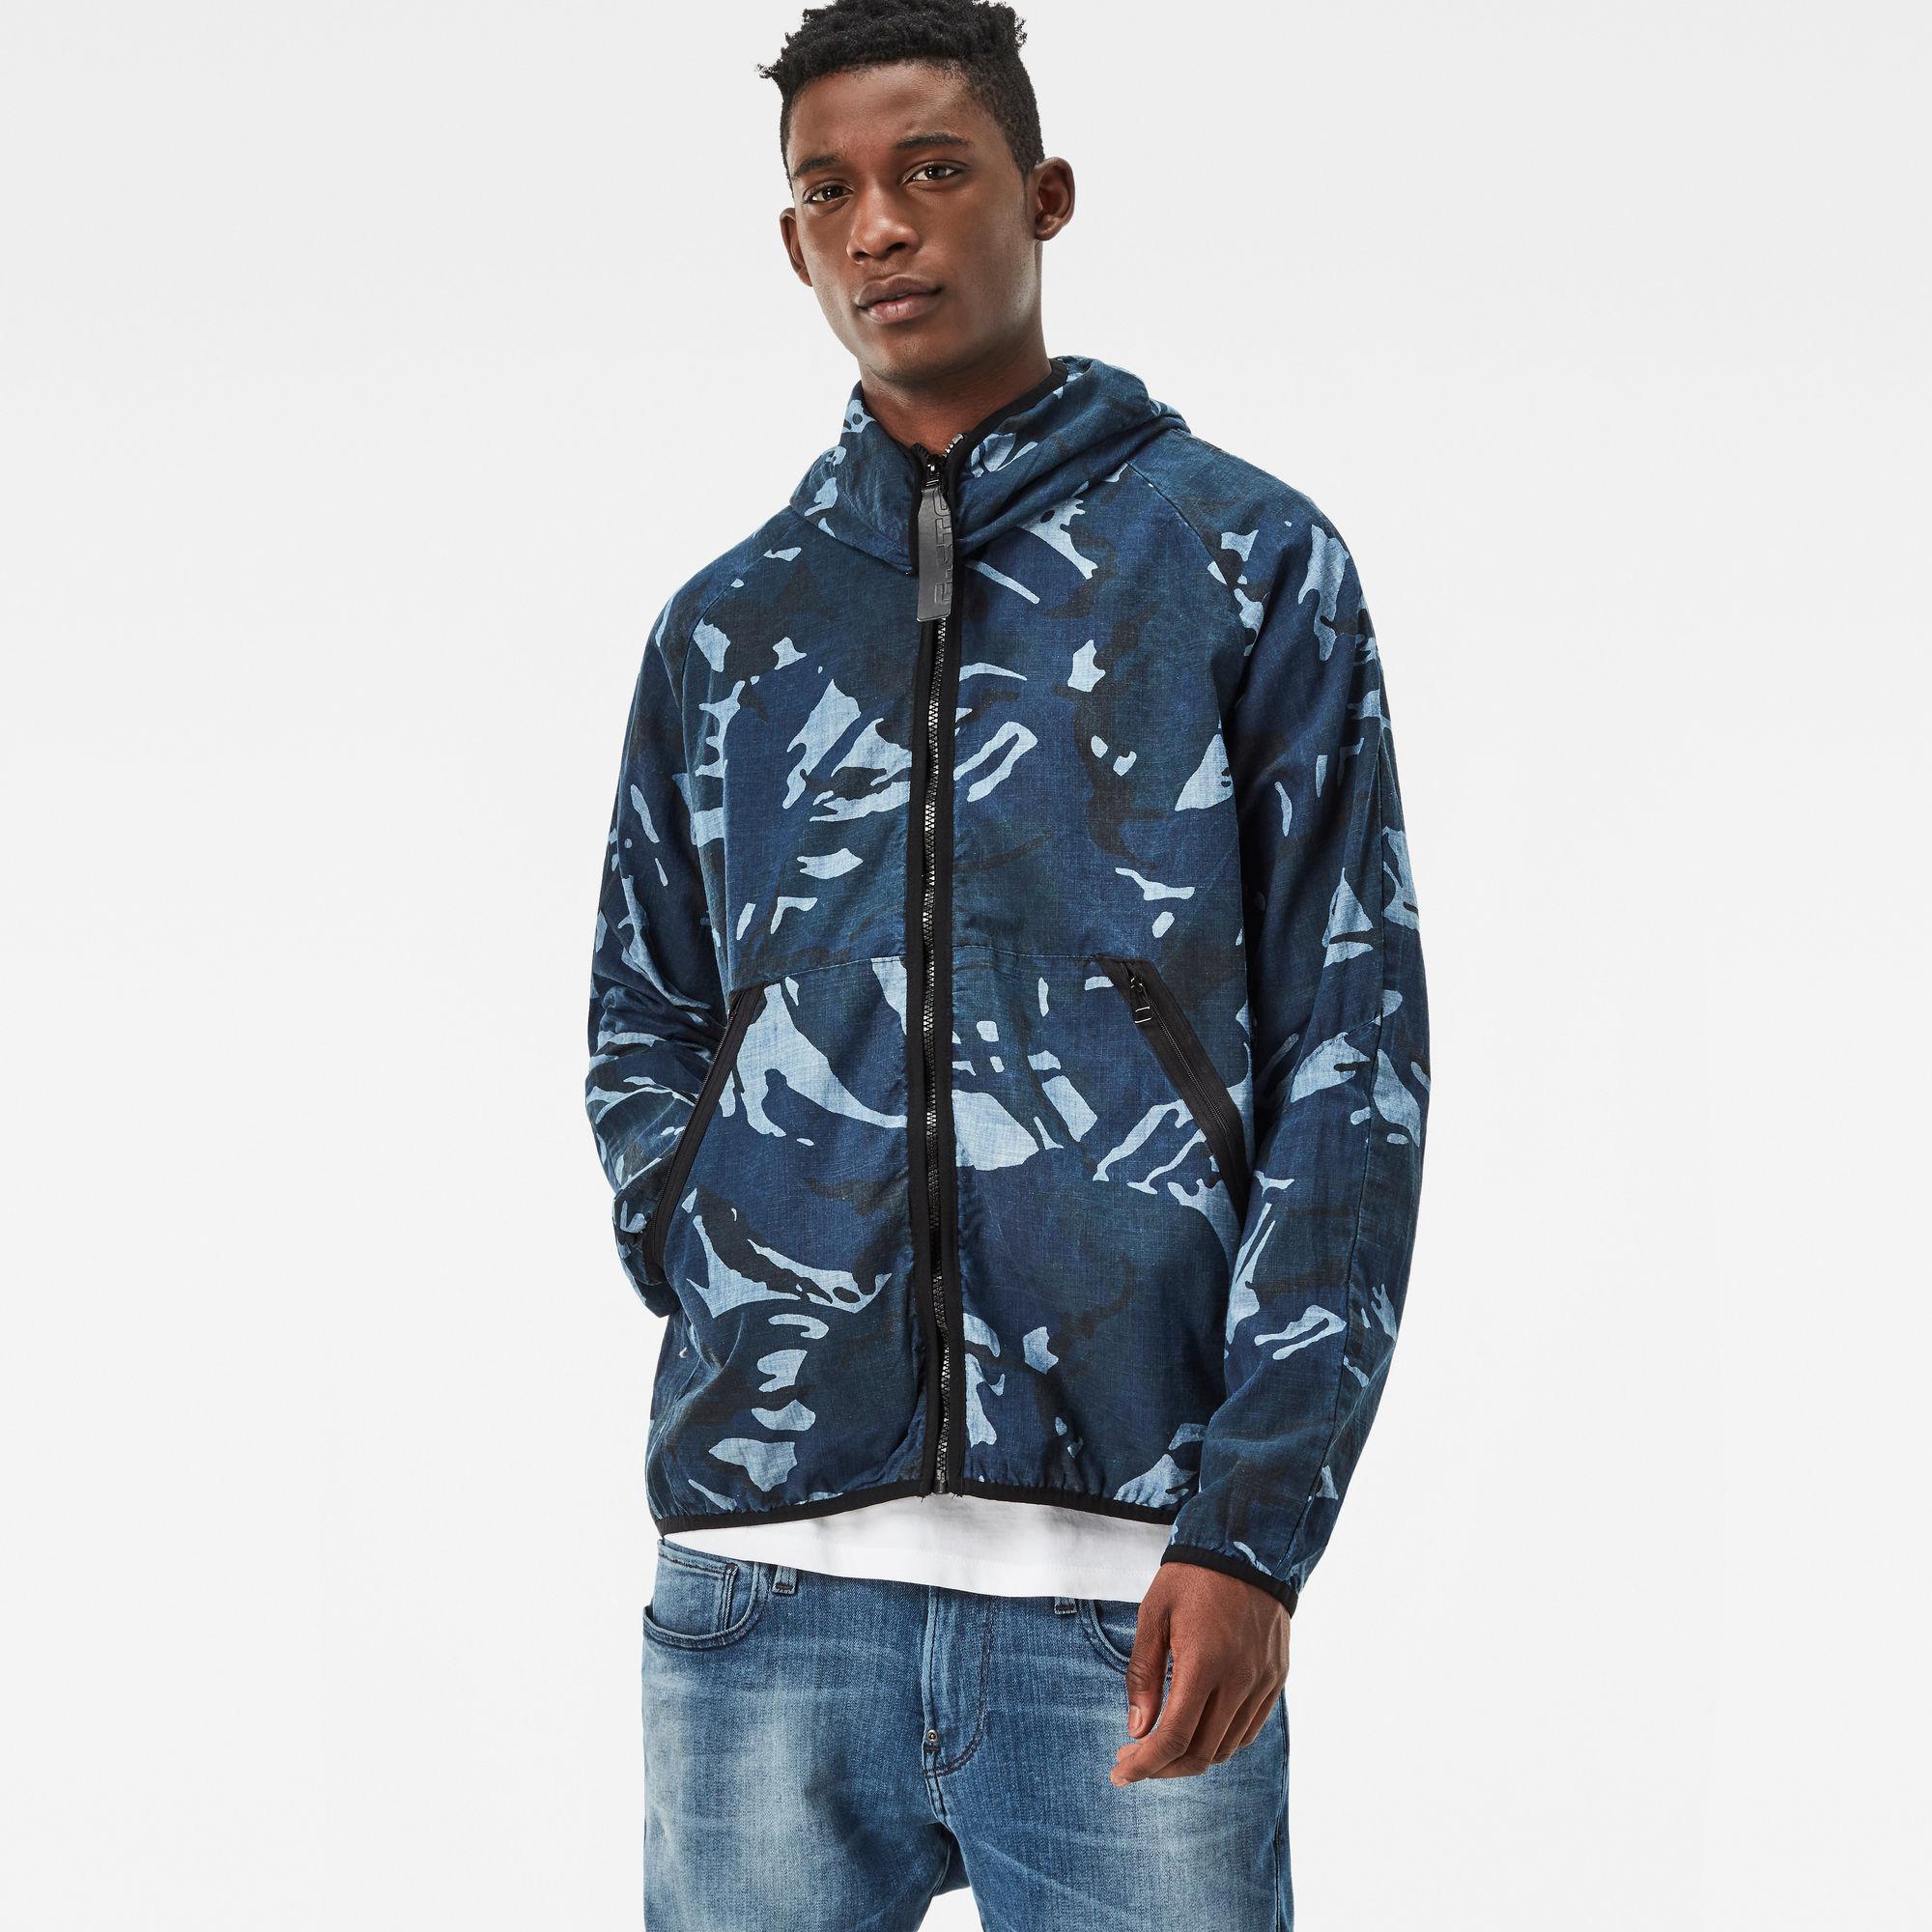 Strett Hooded Gymbag Jacket